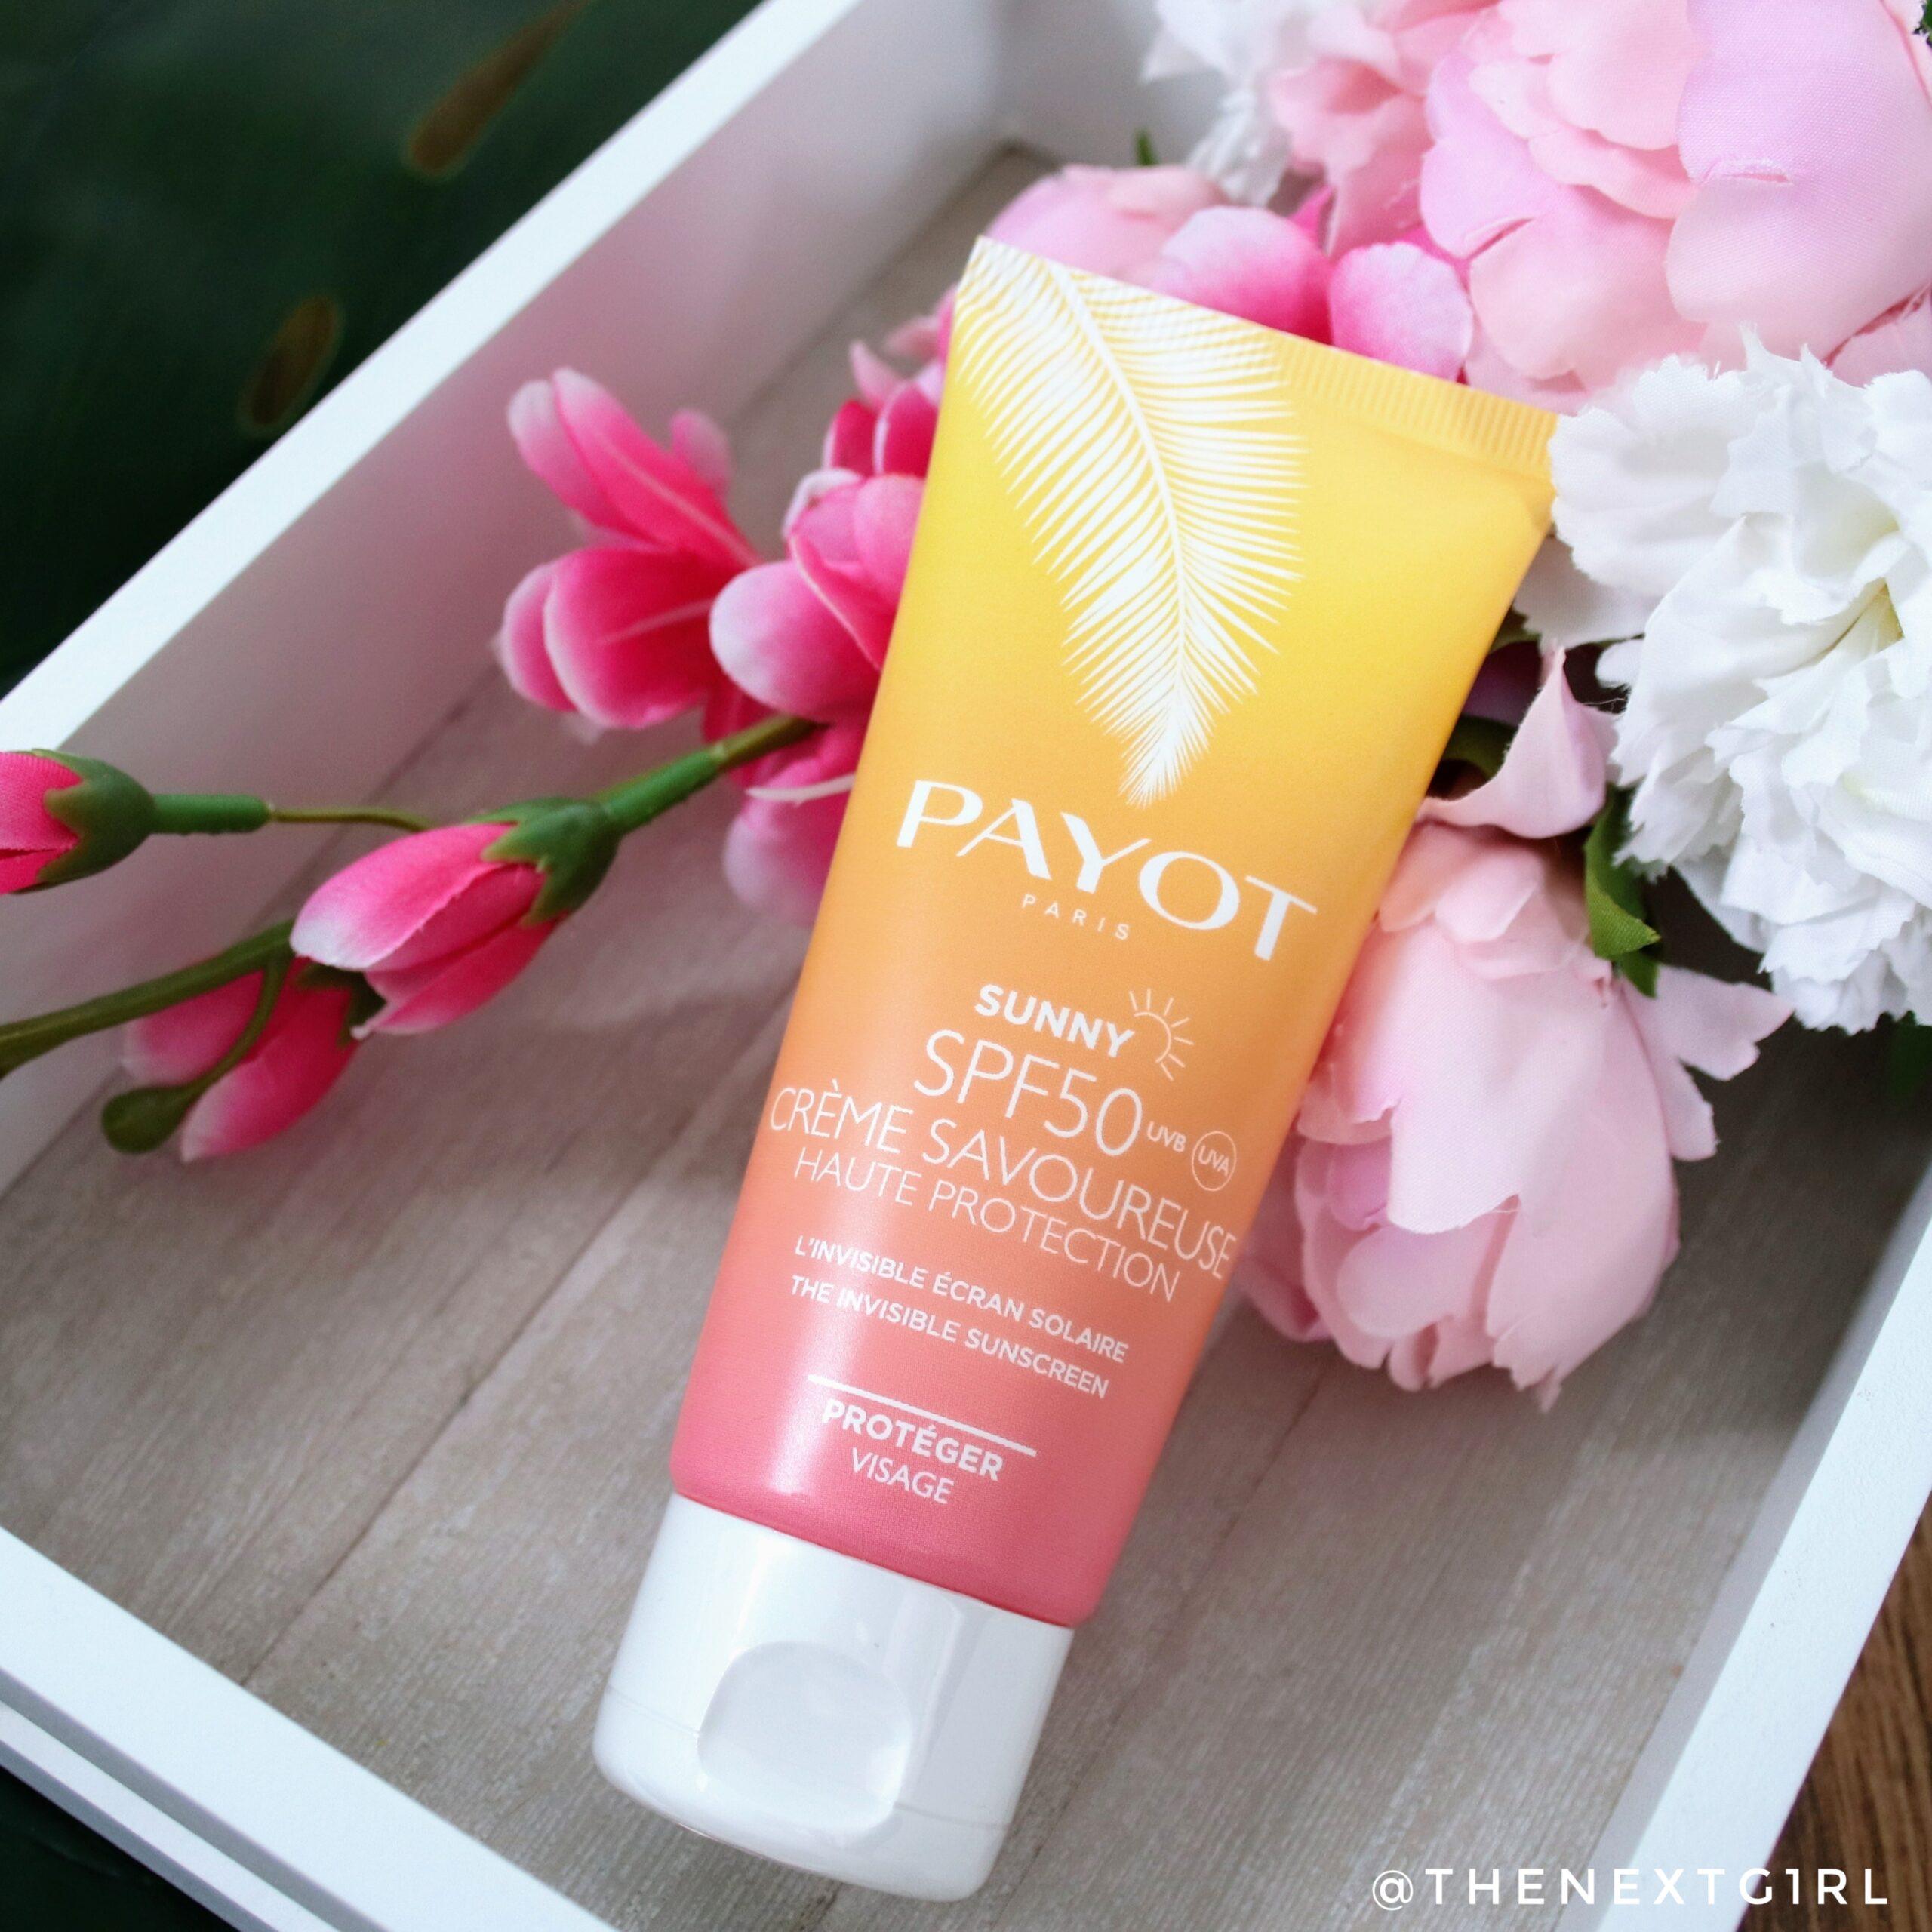 Payot SPF50 Crème Savoureuse gezicht